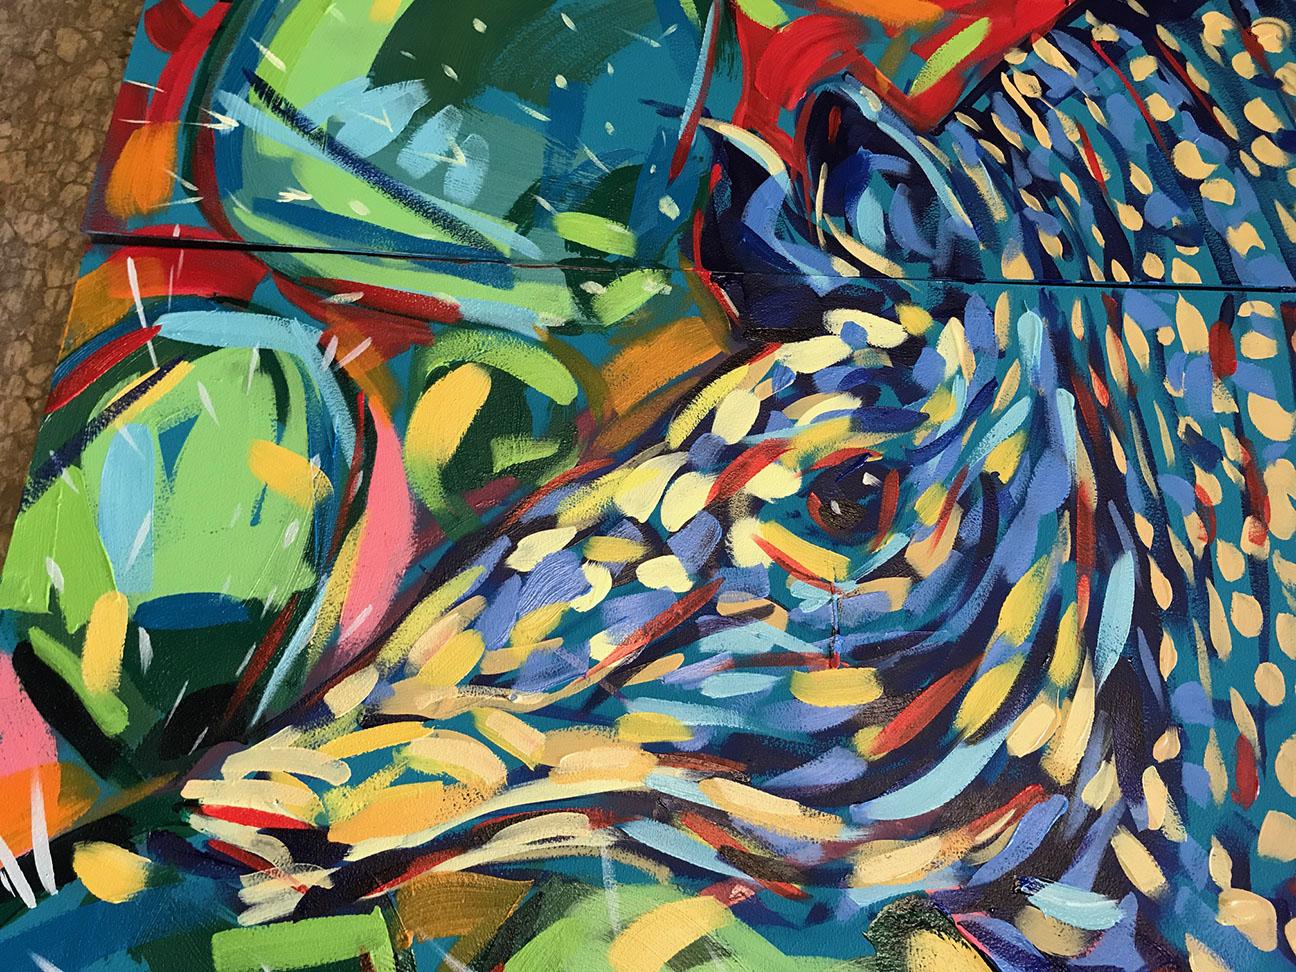 7_Armadillo mural.JPG